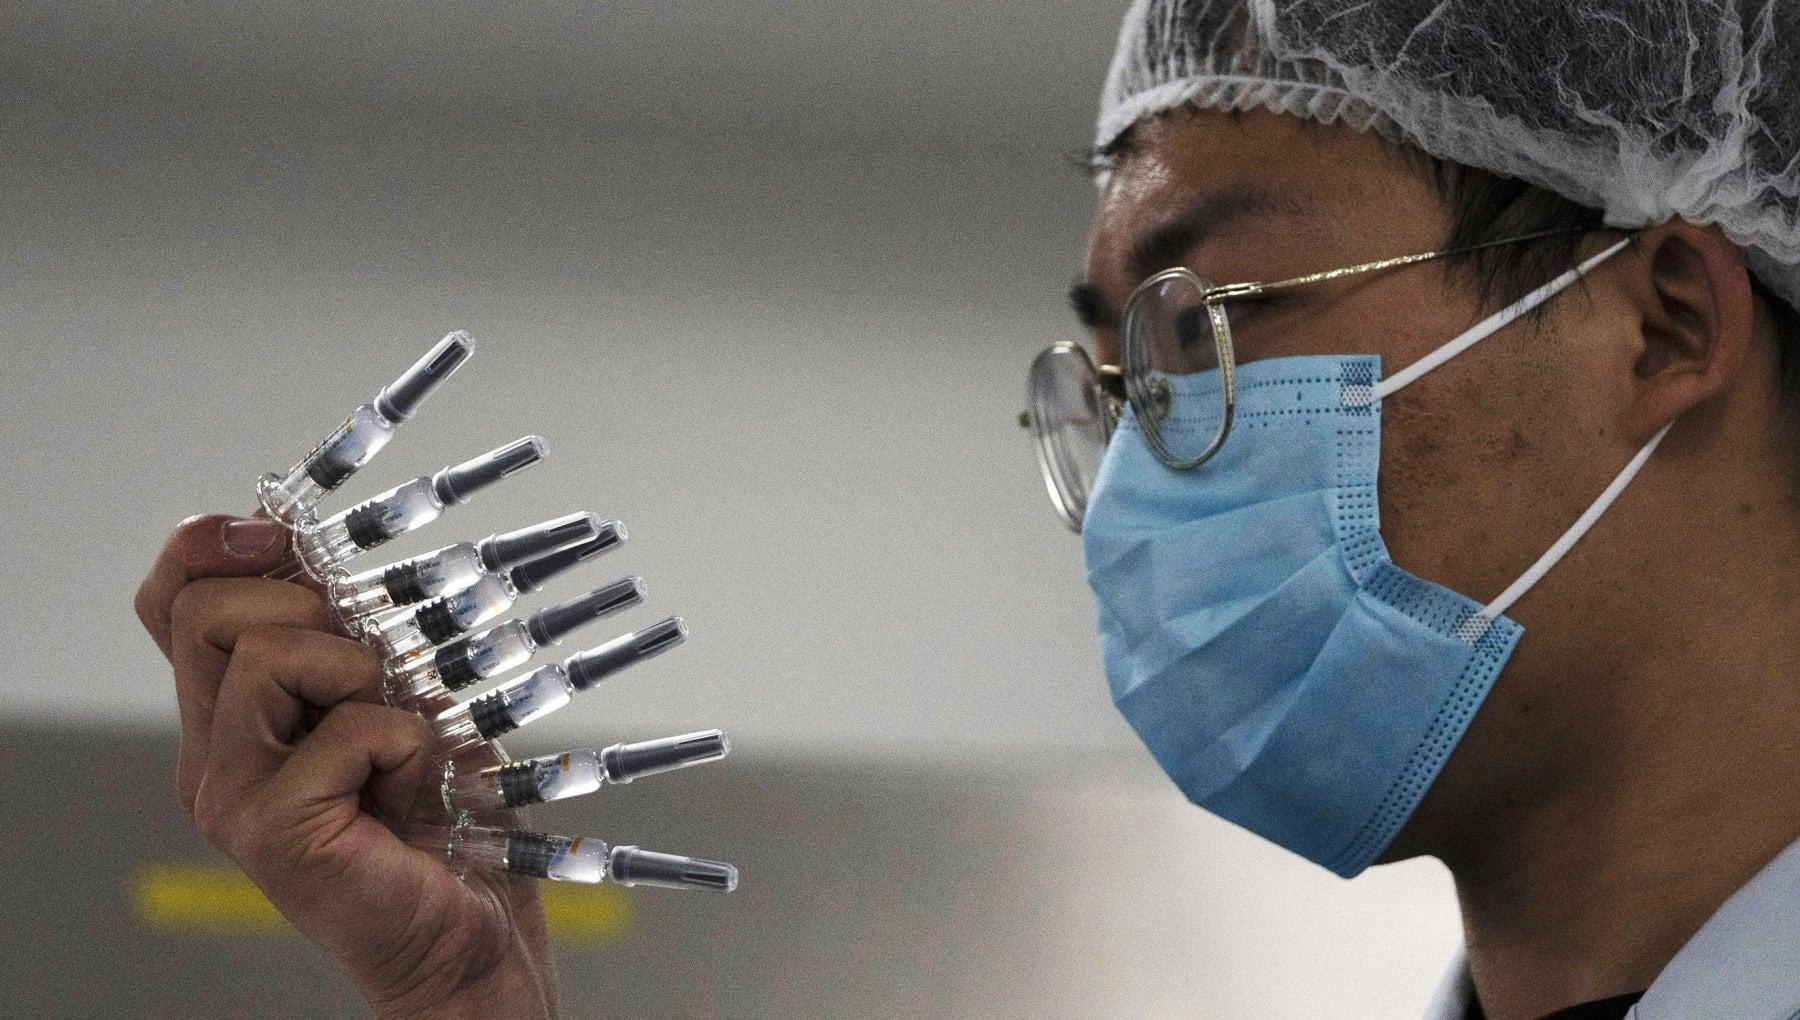 Assalto hacker allo sviluppo dei vaccini ecco gli ultimi attacchi